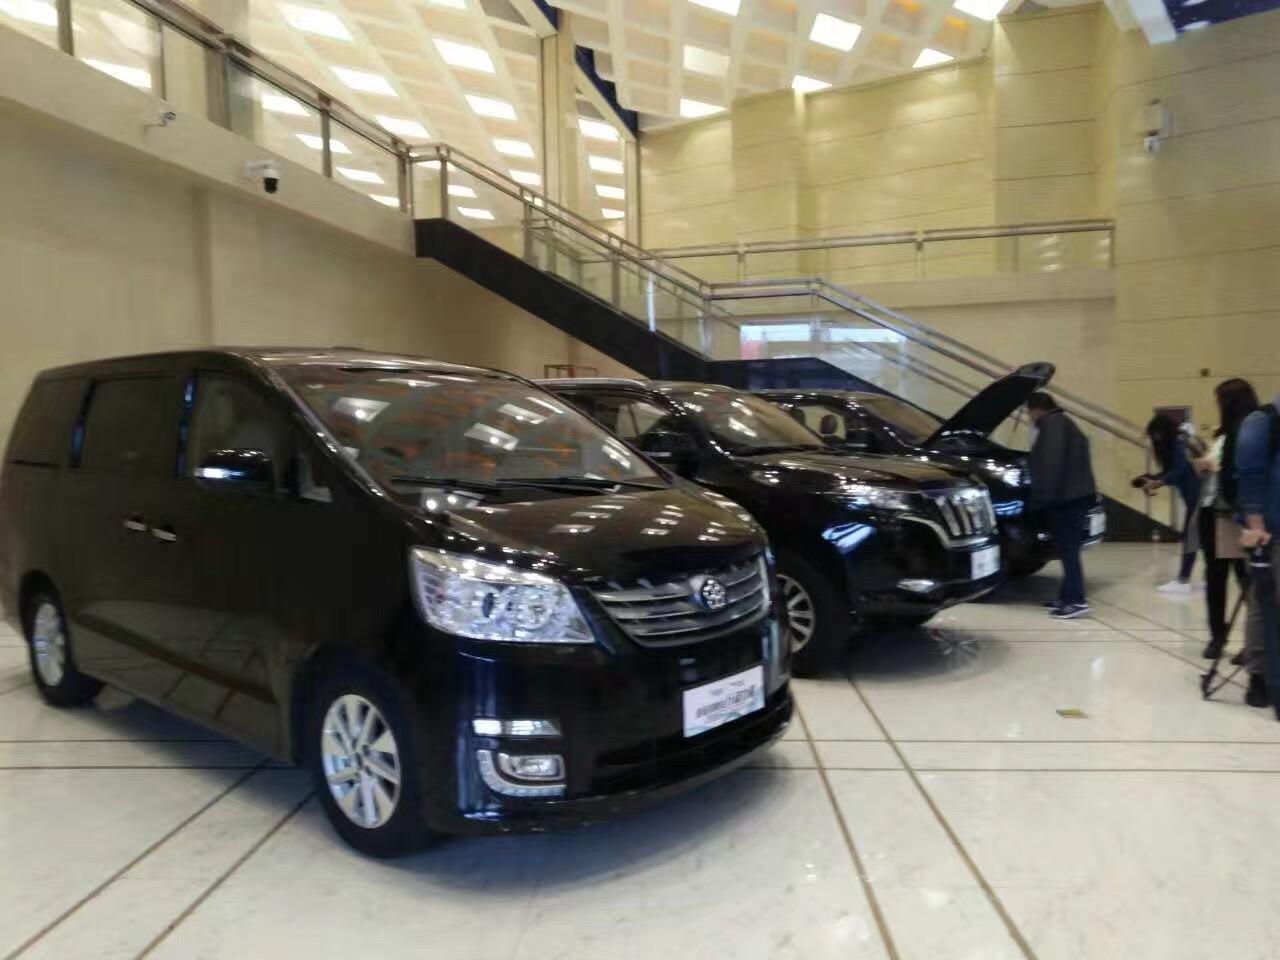 珠海银隆启动电动轿车项目 将在印度建厂高清图片